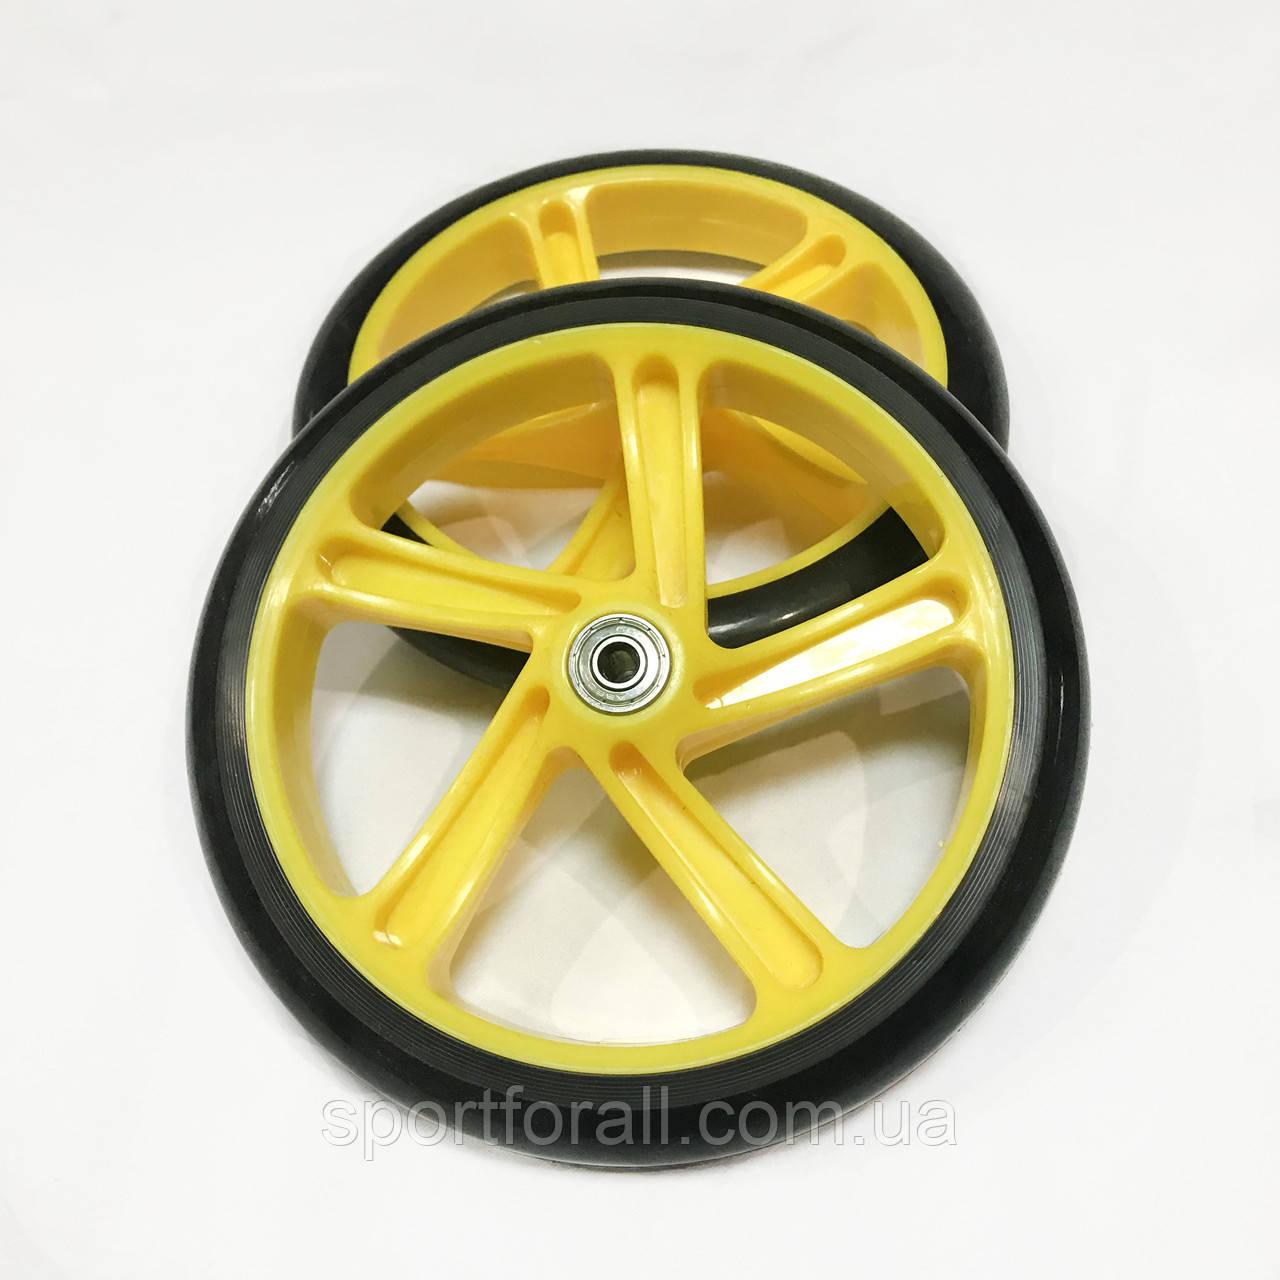 Колесо для самоката 200мм з підшипником АВЕС-7(жовтий)